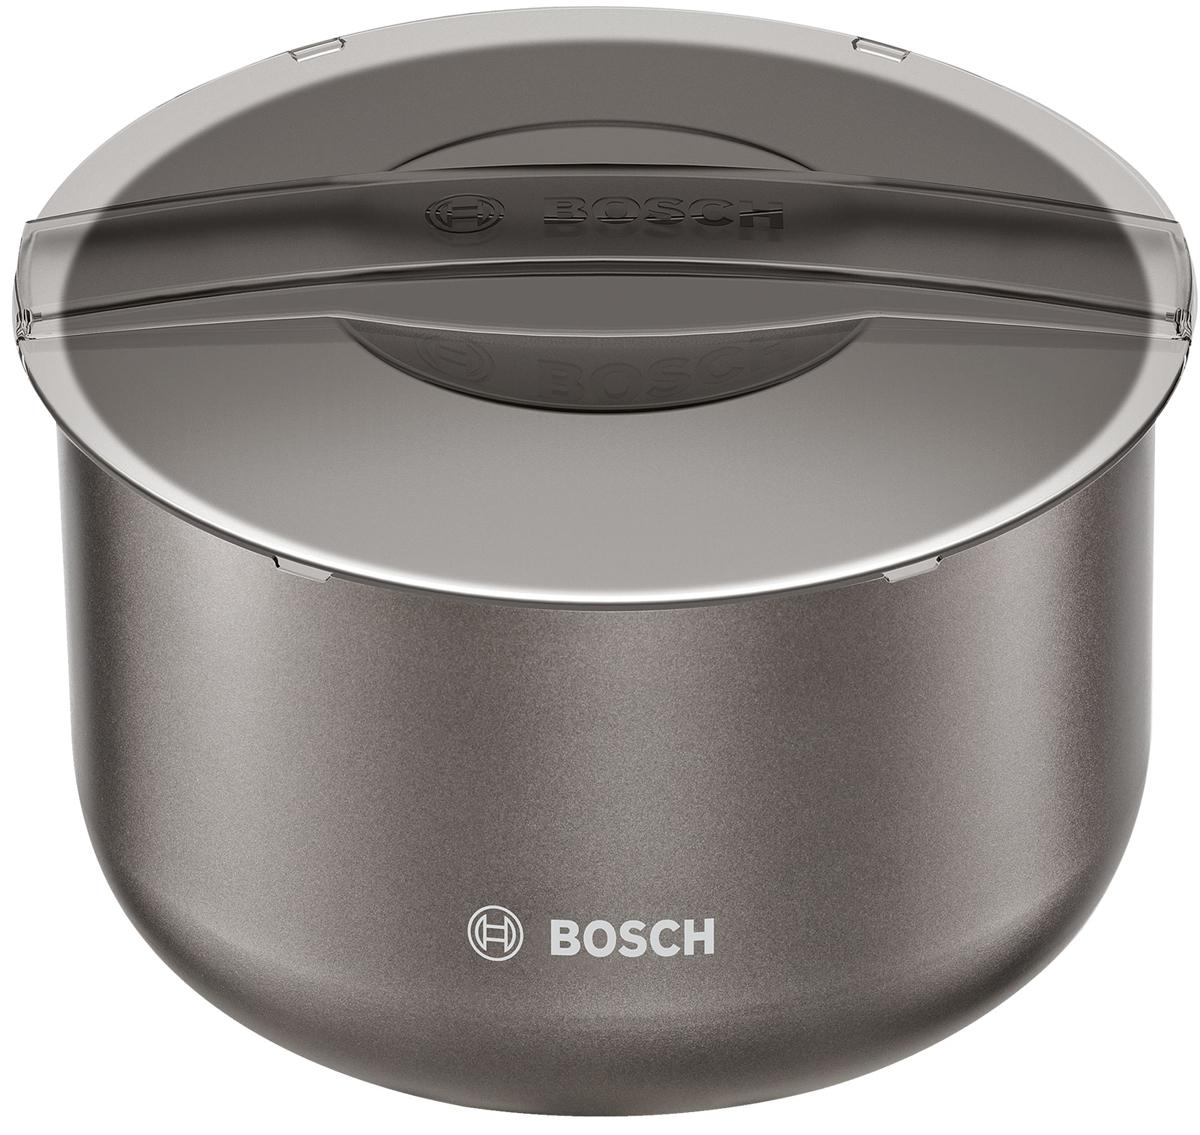 Bosch MAZ2BC чаша для мультиваркиMAZ2BCBosch MAZ2BC - дополнительная чаша для мультиварки объемом 5 л (полезный объем 4 л), которая позволяет приготовить различные блюда без добавления масла или жира. Чаша имеет прочные стенки с керамическим антипригарным покрытием, которое не окисляется, не сдержит вредные примеси и равномерно распределят тепло. Для вашего удобства внутри чаши предусмотрена мерная шкала. В комплект входит прозрачная крышка для практичного хранения в холодильнике. Чашу можно мыть в посудомоечной машине.